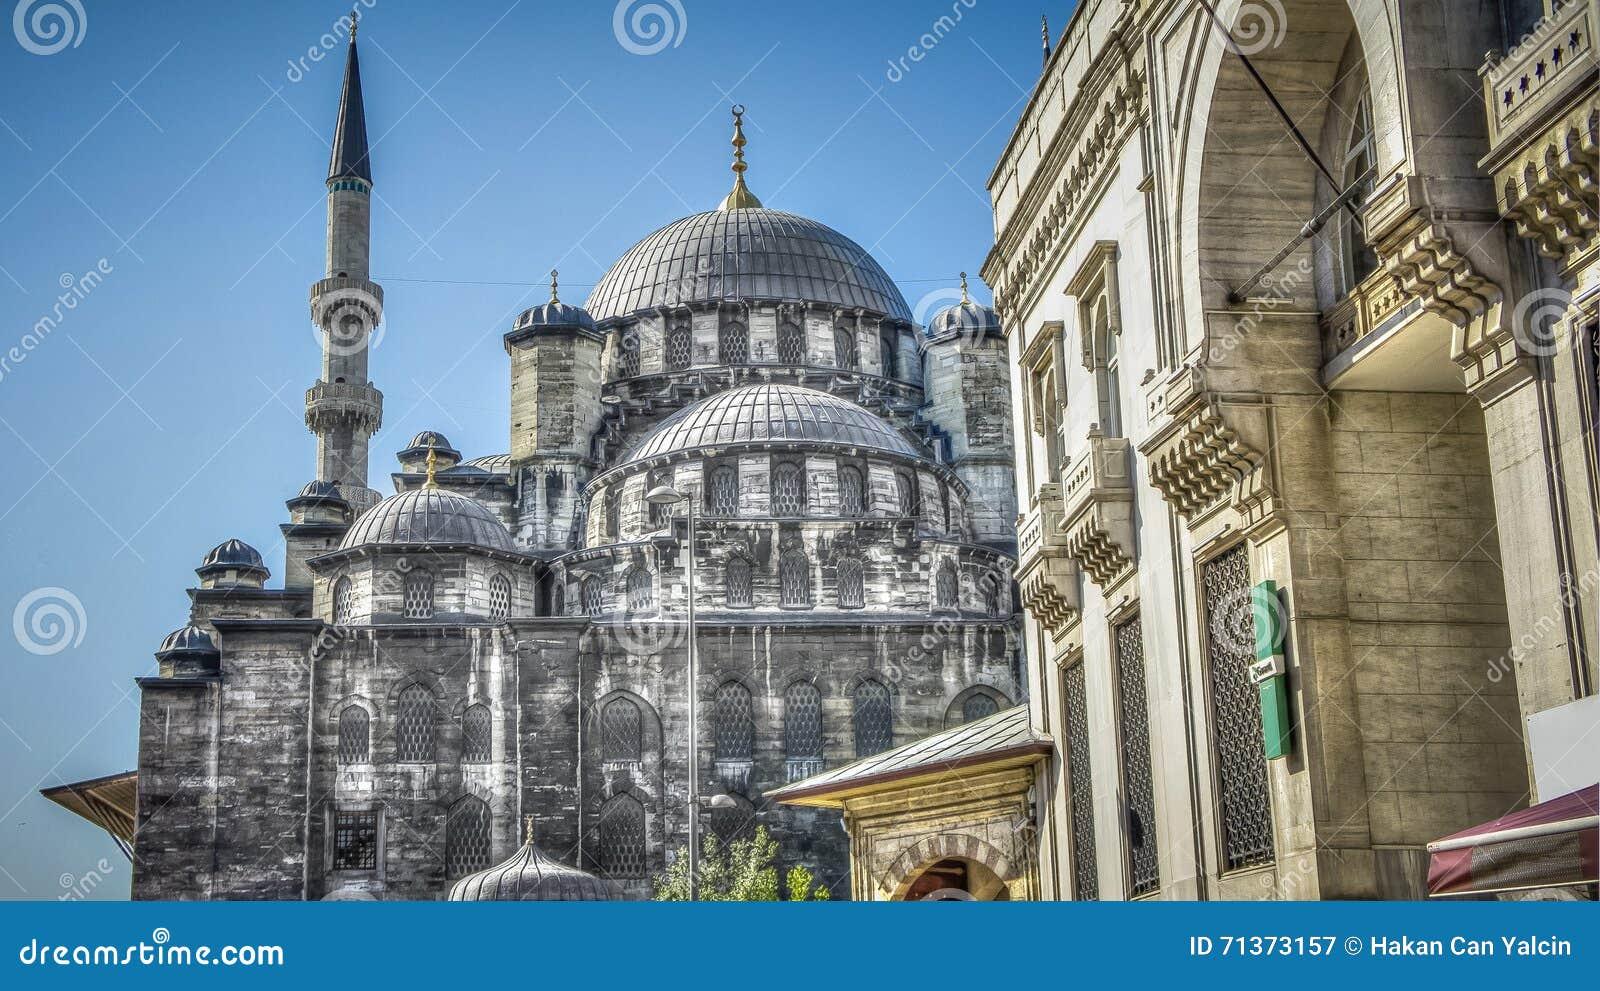 Istanboel, Turkije - April 28, 2012: Yeni Cami (Nieuwe Moskee), of Valide Sultan Mosque in Eminonu Istanboel